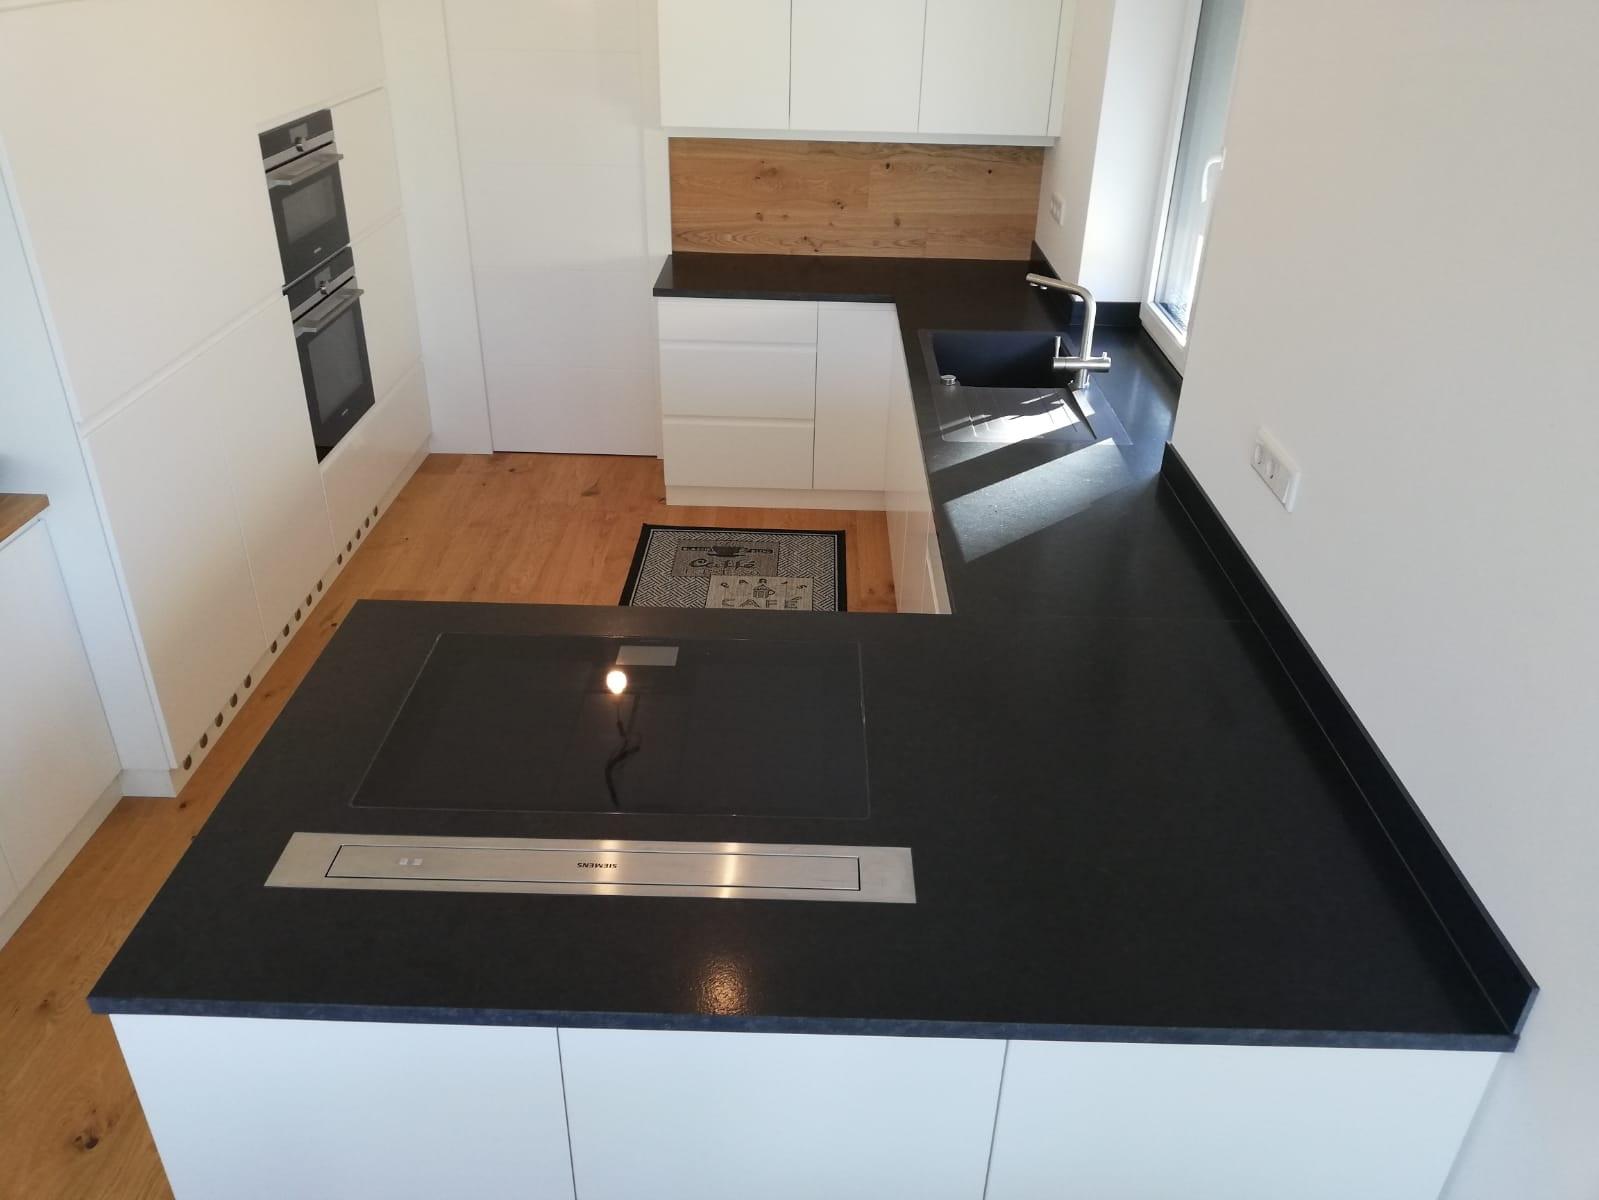 Stein Schindler Küchenarbeitsplatte